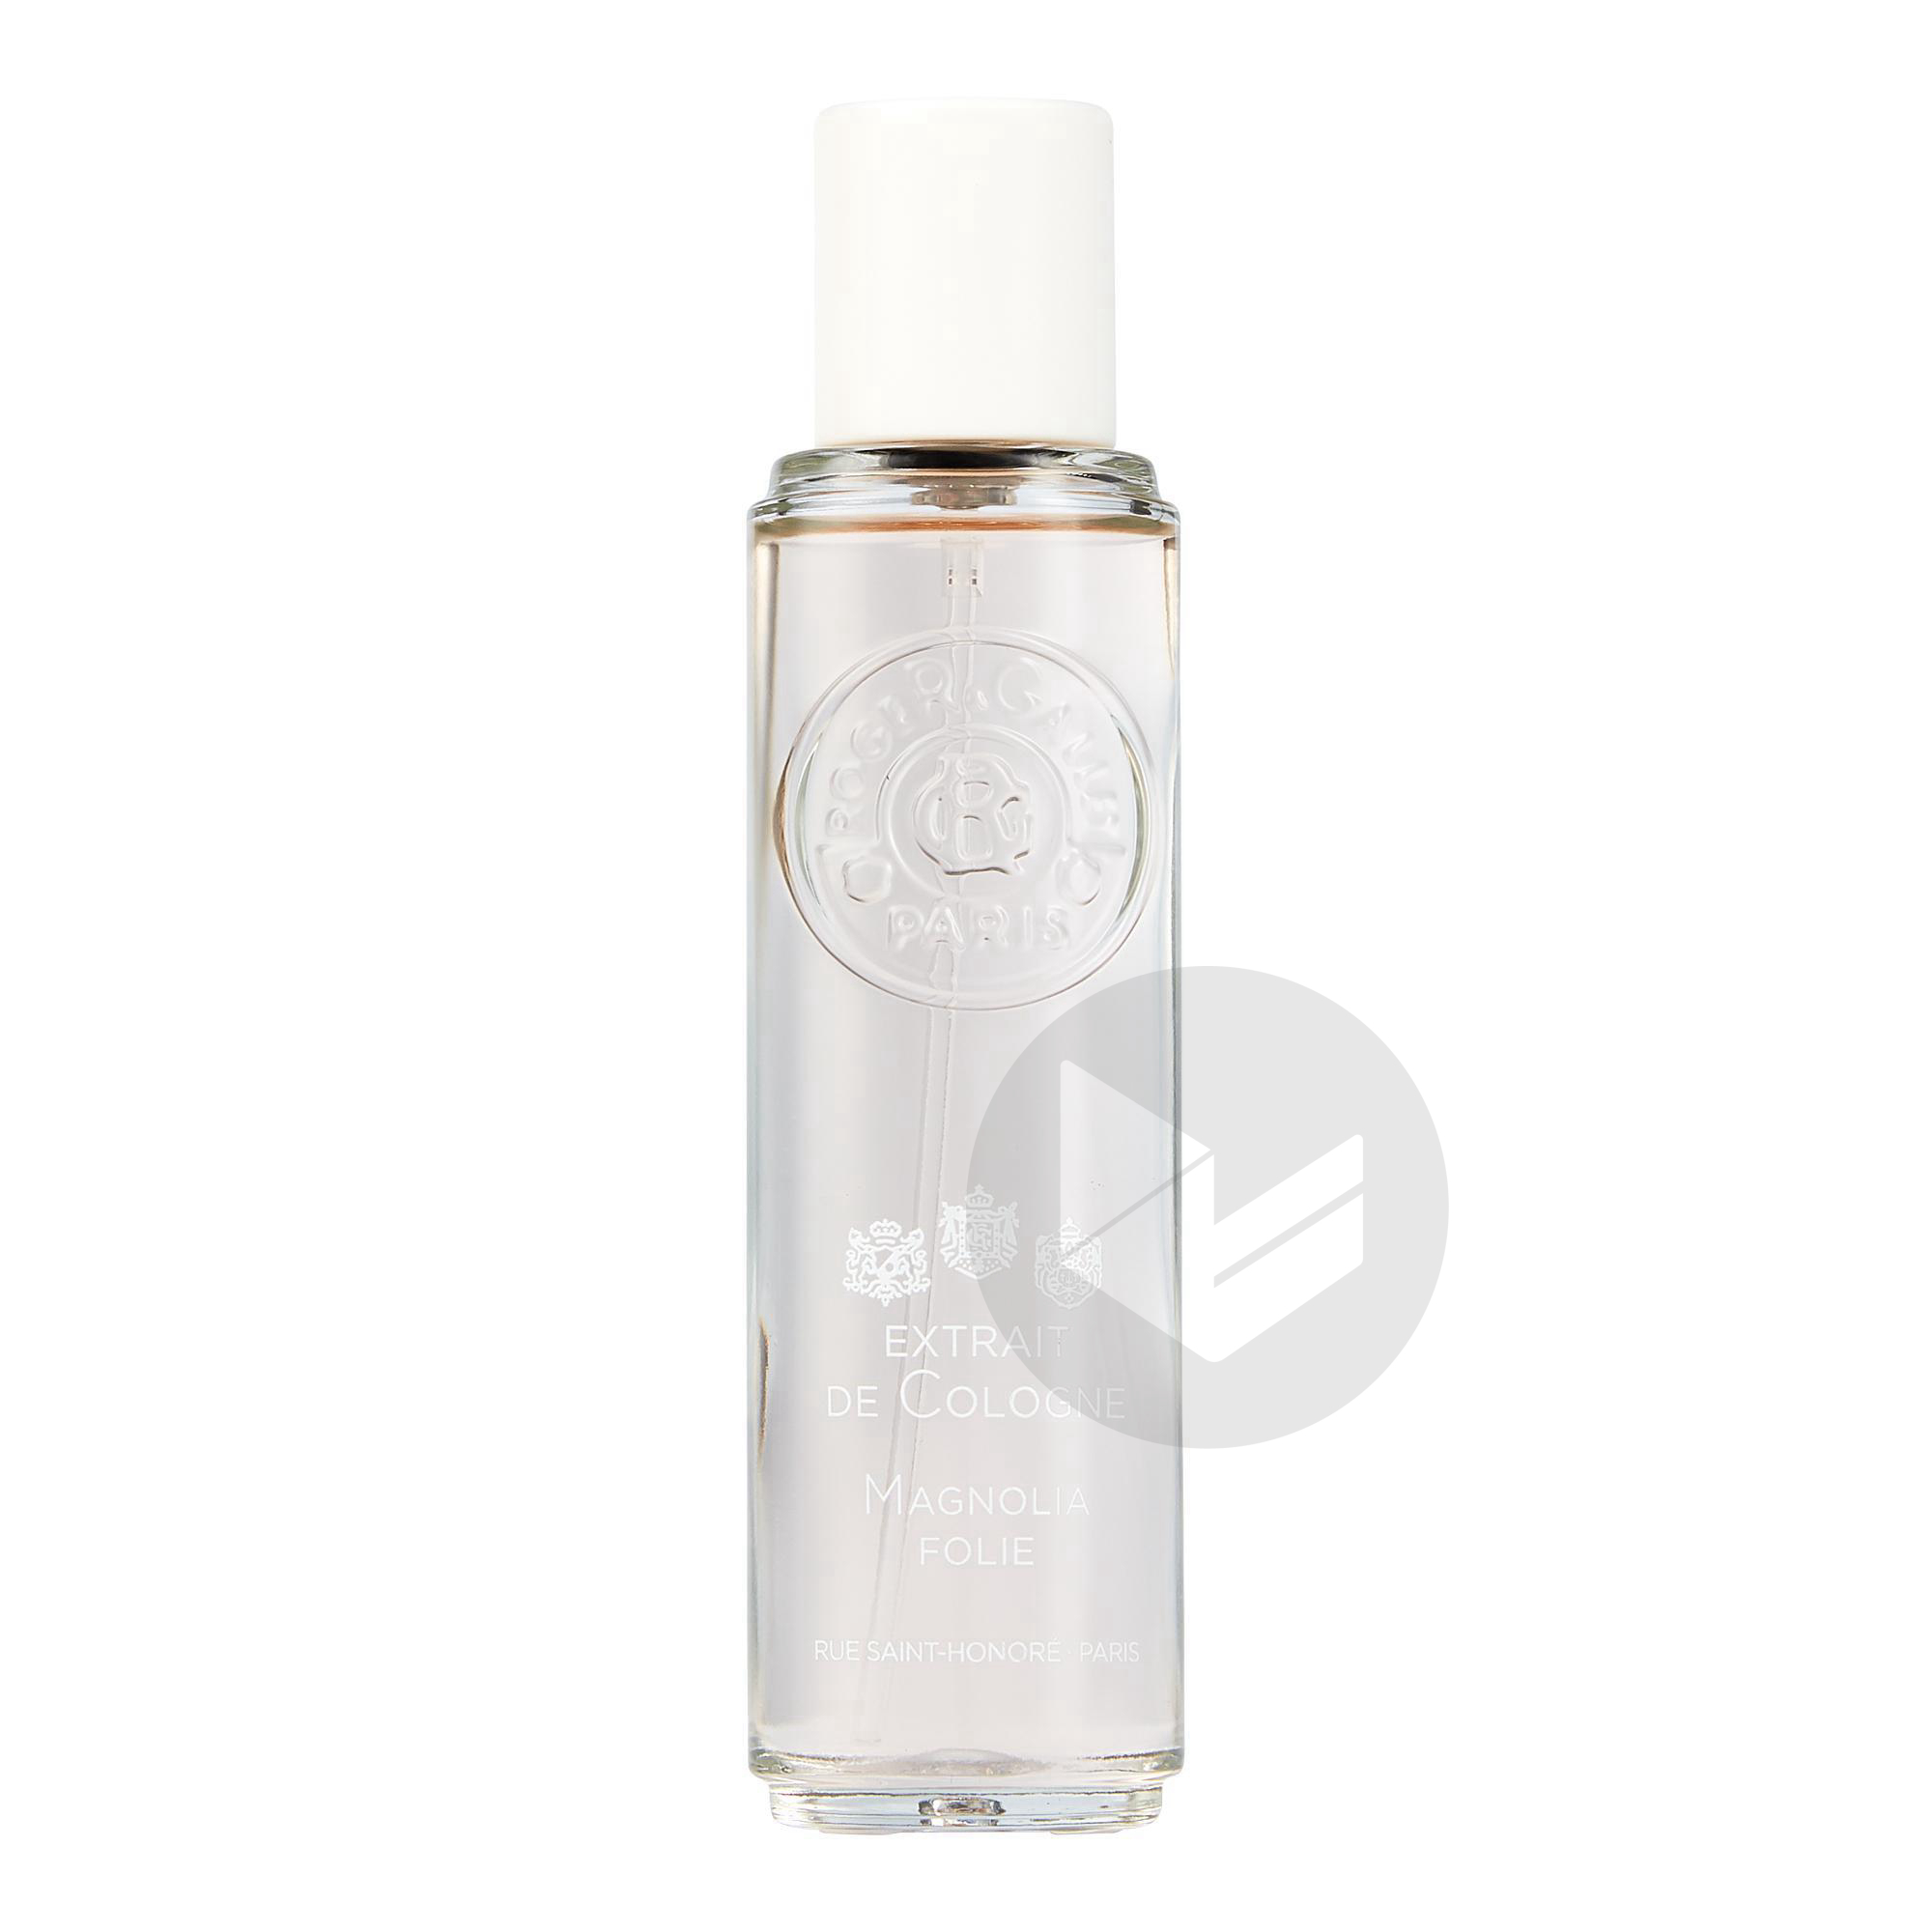 Magnolia Folie Extrait De Cologne Vaporisateur 30 Ml